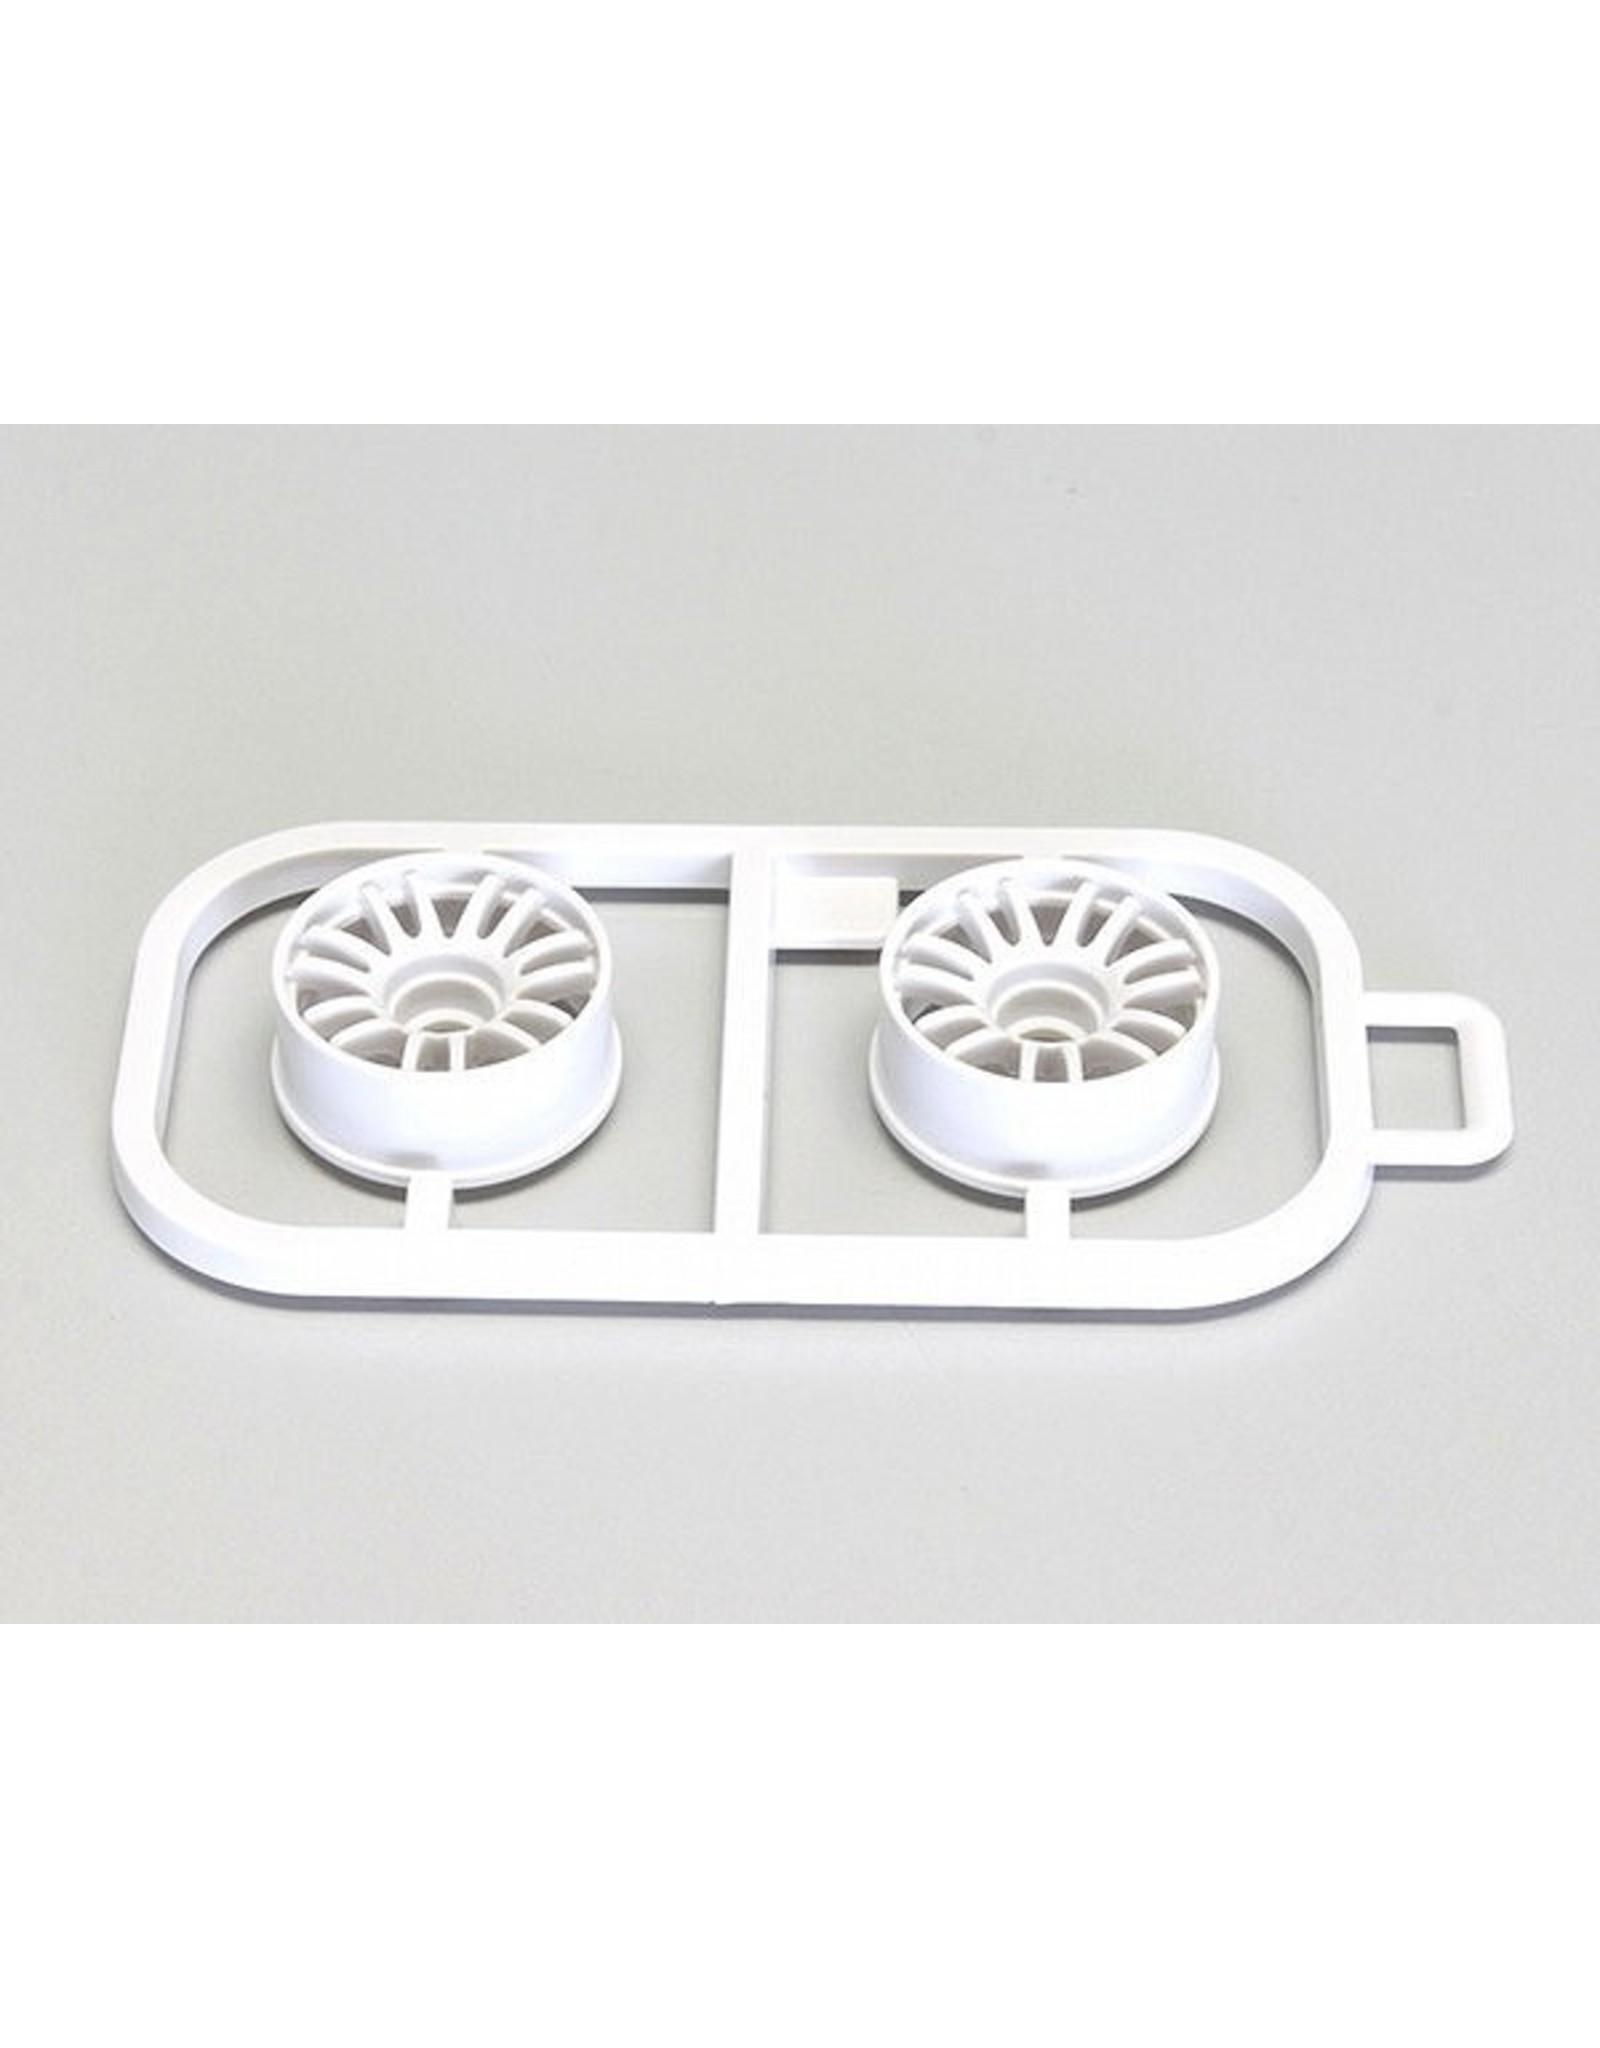 Kyosho Multi Wheel II N/Offset 1.5 (White/RE30/2pcs) (MZH131W-N15)